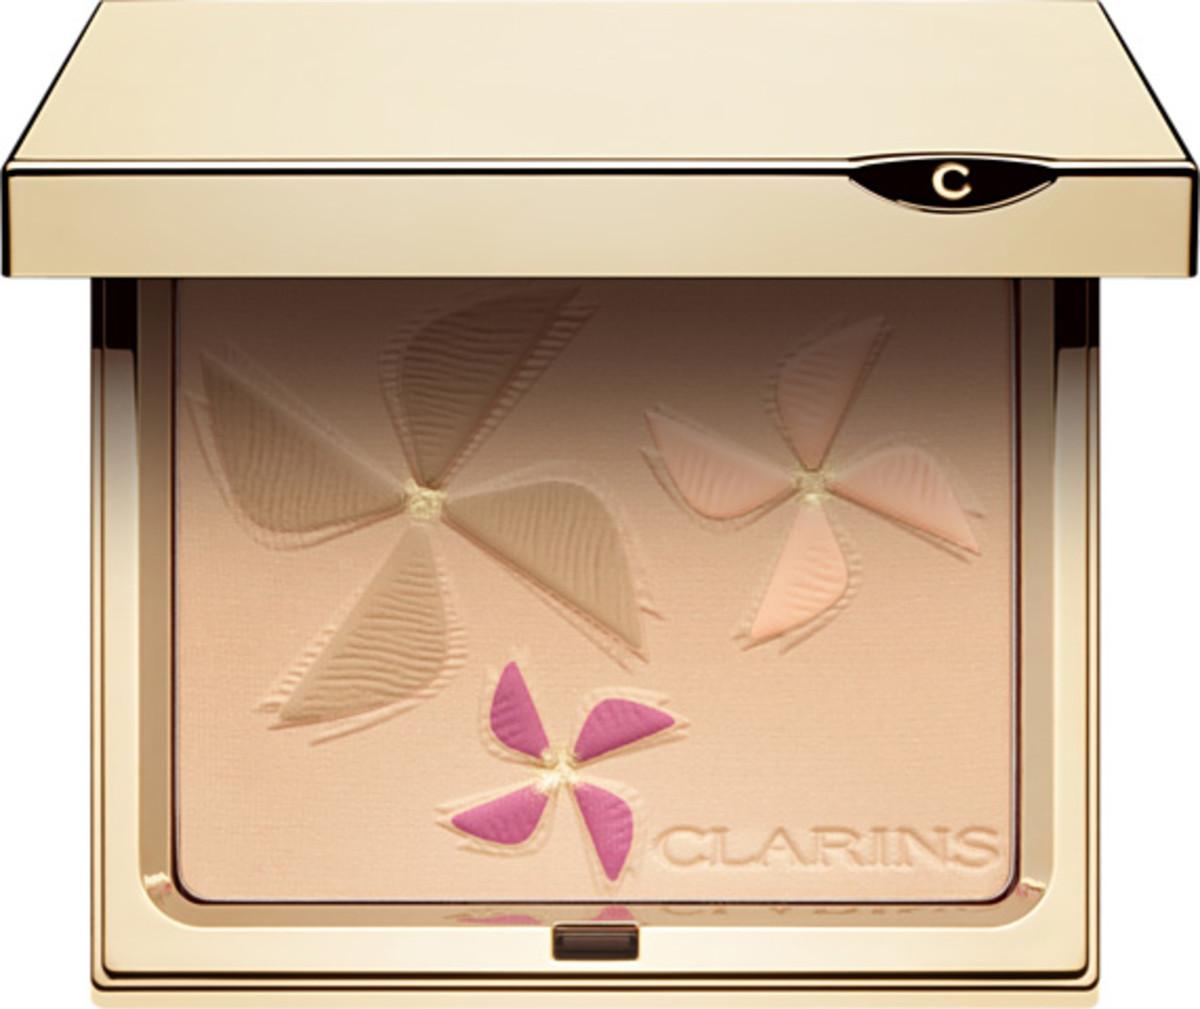 Clarins-Colour-Breeze-Face-Blush-Powder